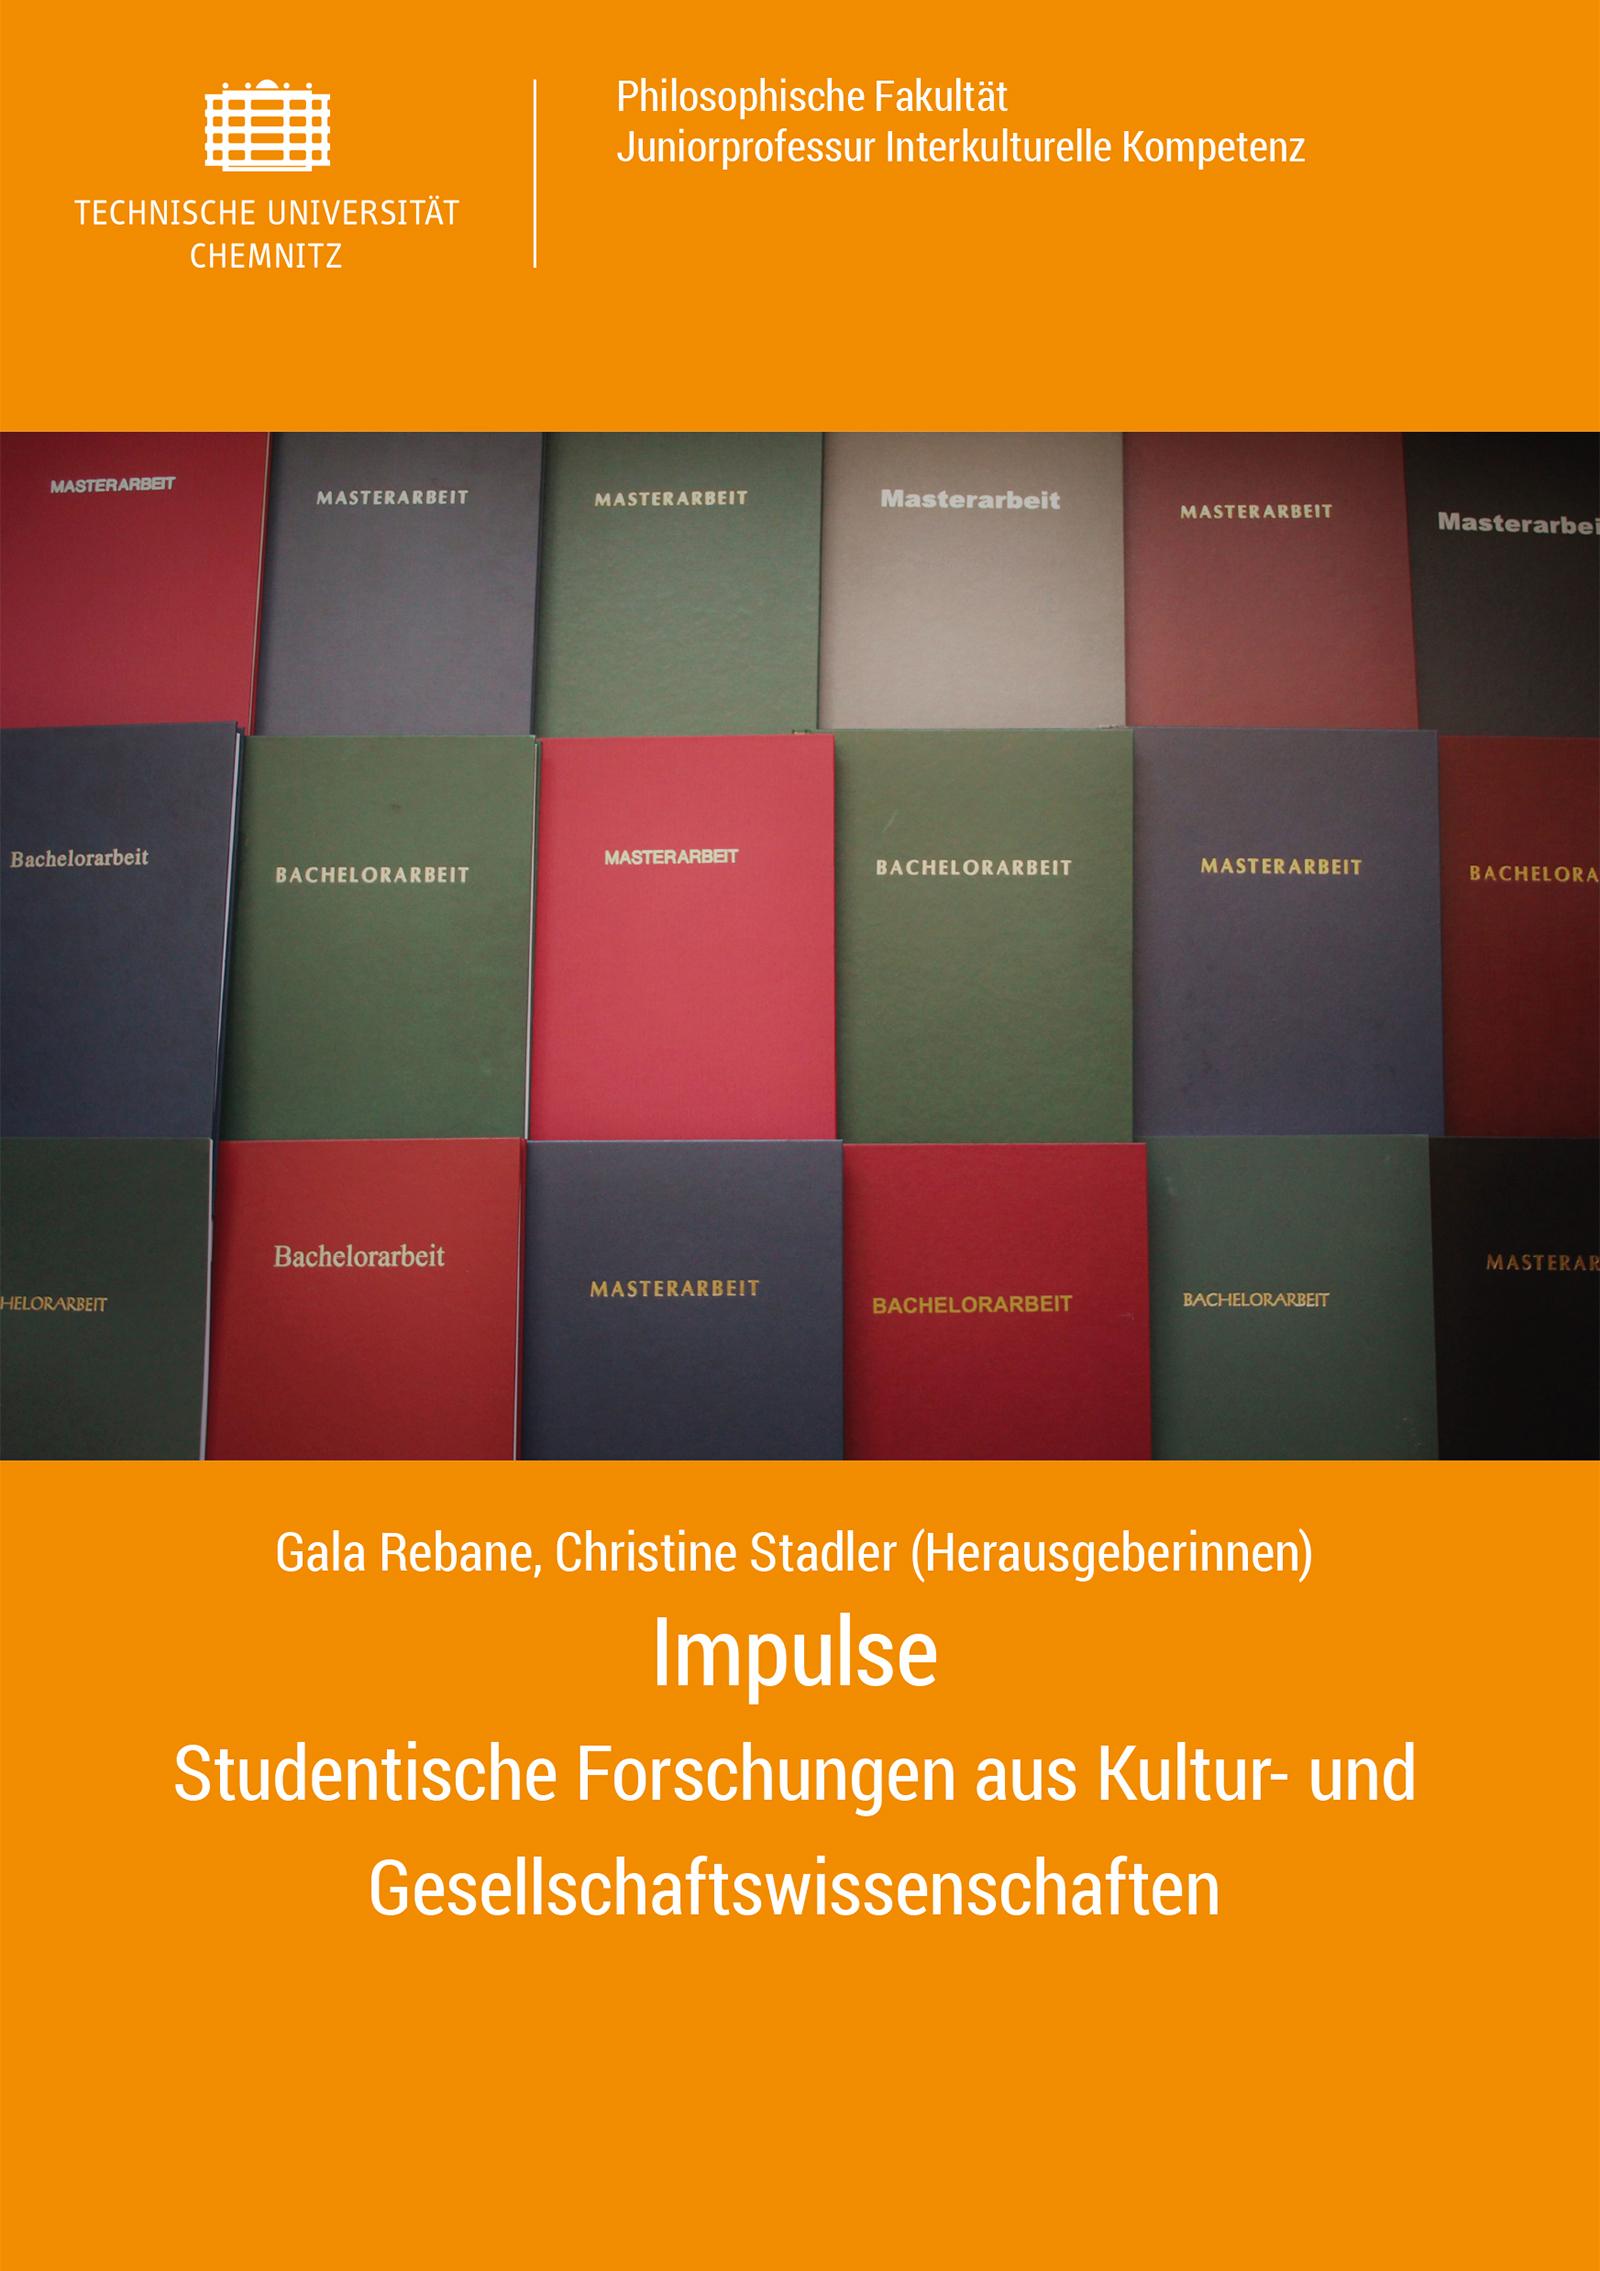 Cover: Impulse. Studentische Forschungen aus Kultur- und Gesellschaftswissenschaften / Gala Rebane, Christine Stadler (Herausgeberinnen)